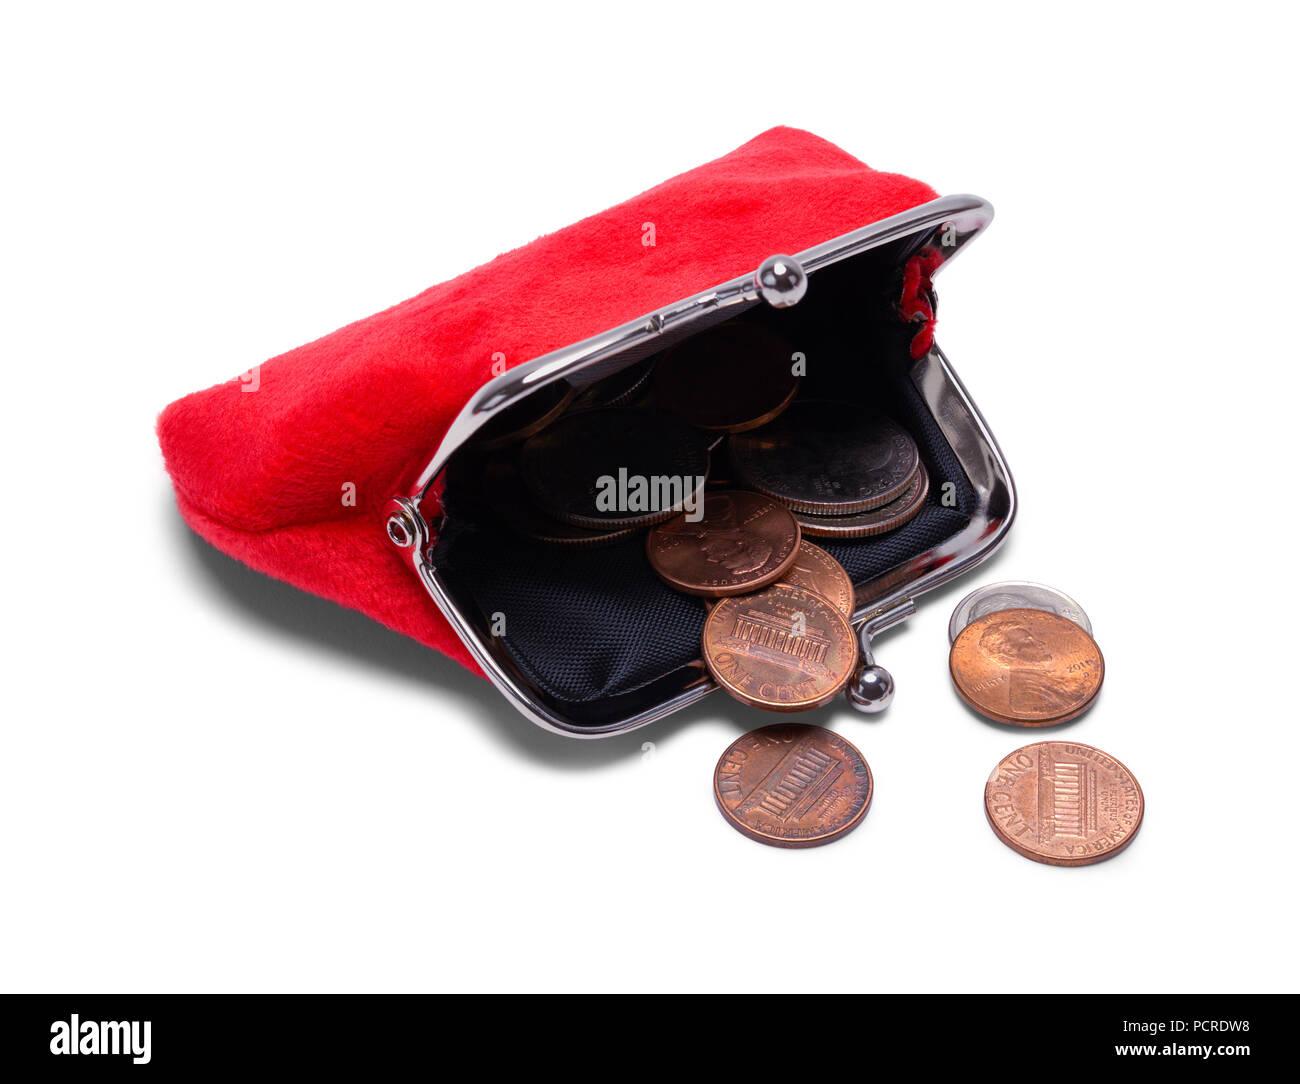 Offenen Geldbeutel mit Ändern Auslaufen isoliert auf Weiss. Stockbild